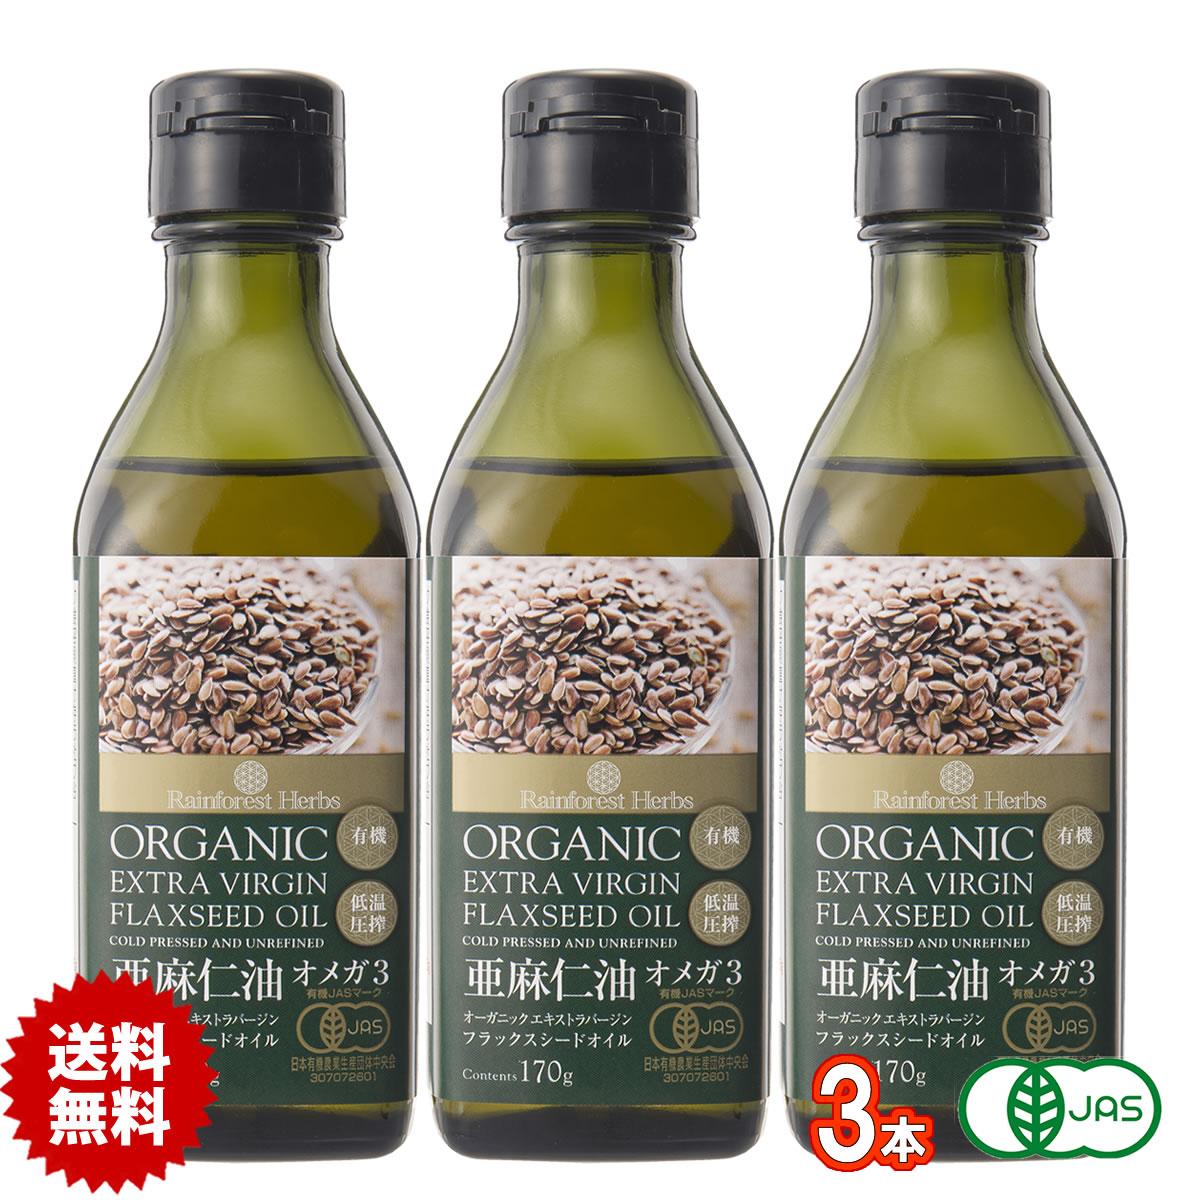 亜麻仁油 エキストラバージン フラックスシードオイル 170g 3本 ニュージーランド産 organic extra virgin flaxseed oil低温圧搾一番搾り